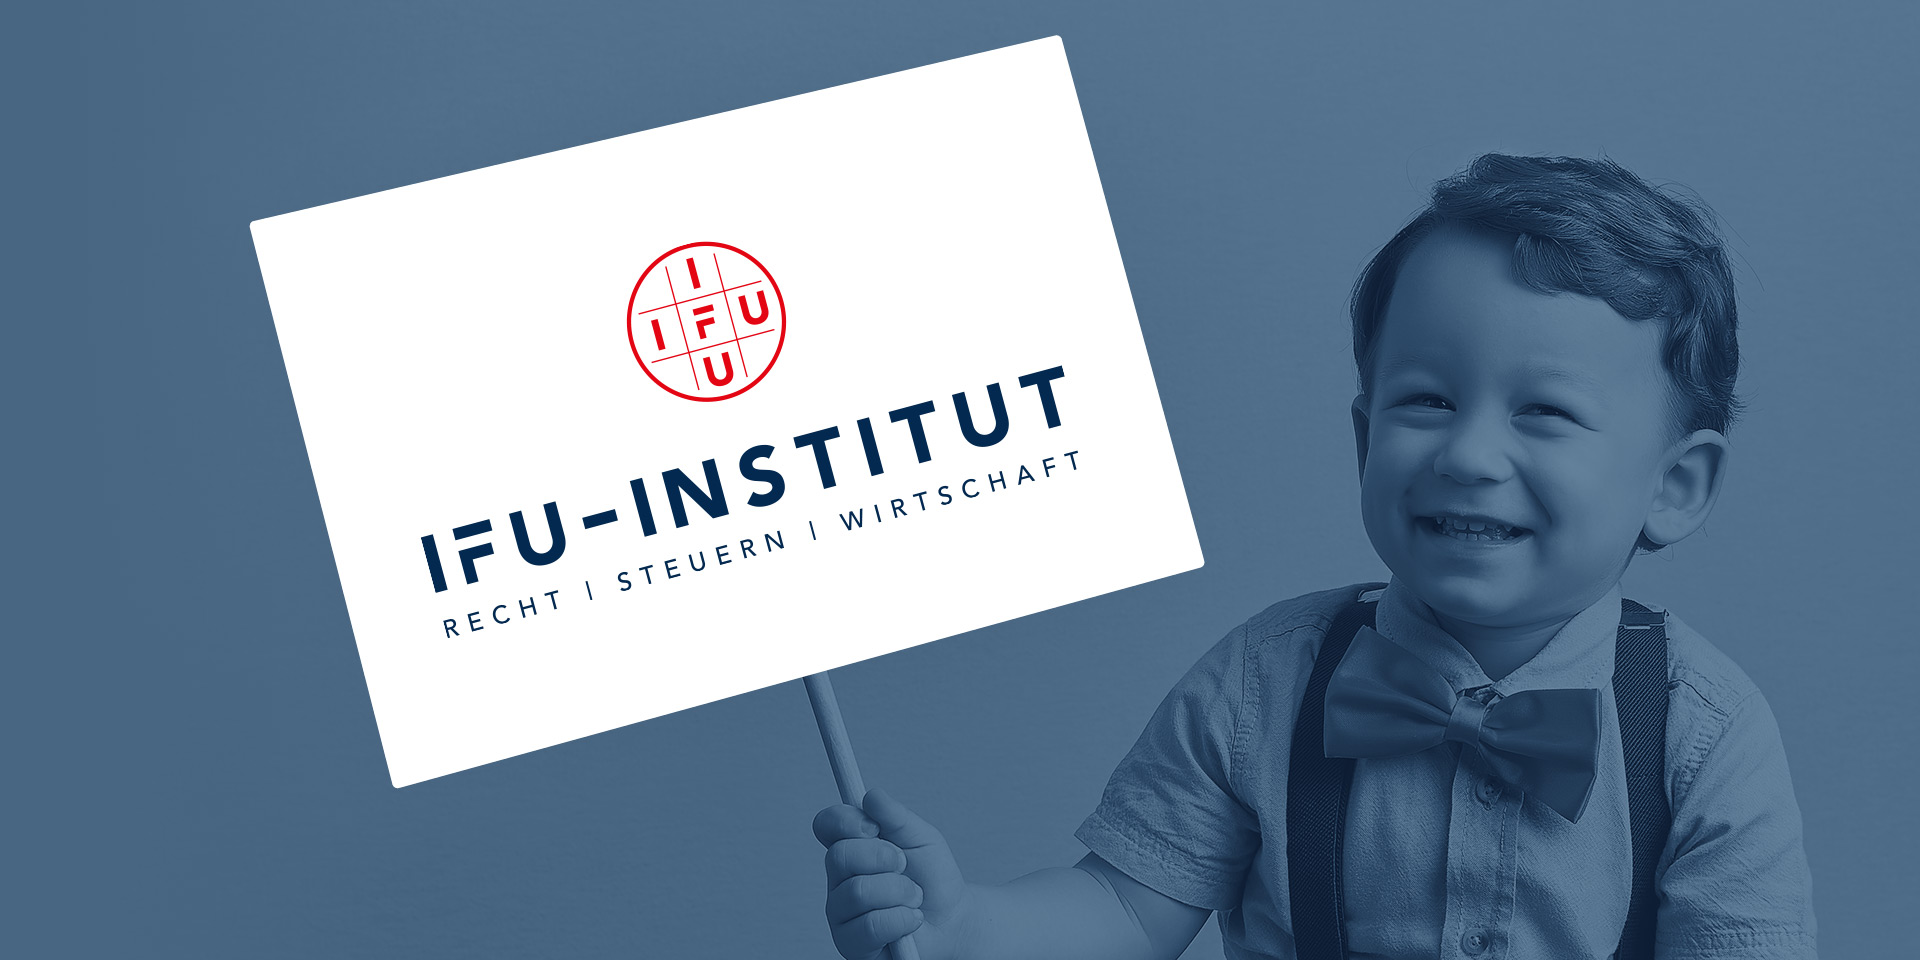 IFU-Institut